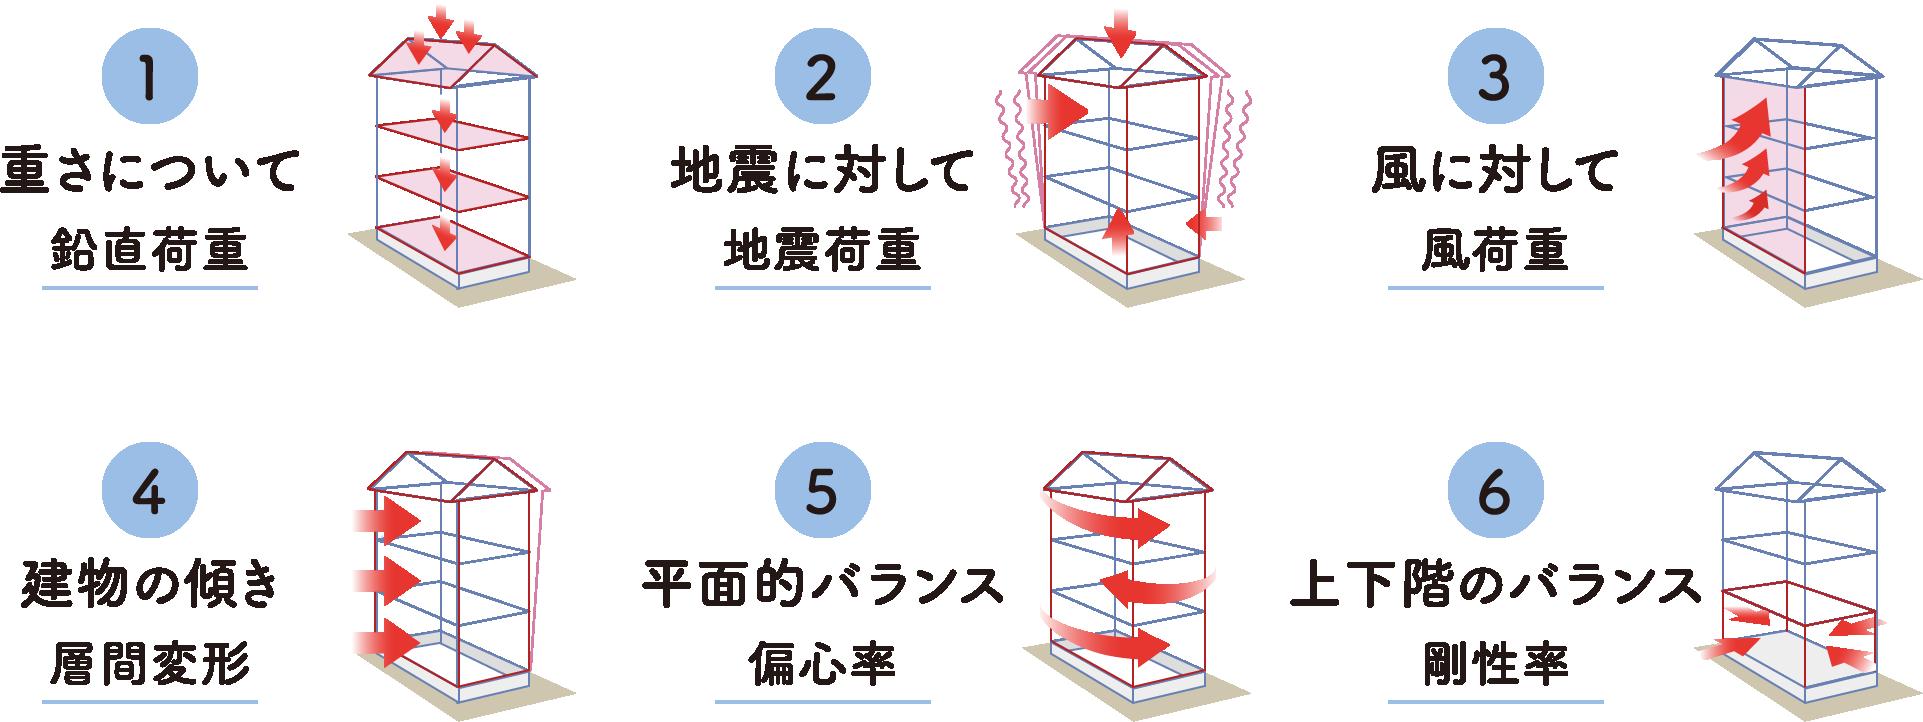 SE構造の強みは、構造計算